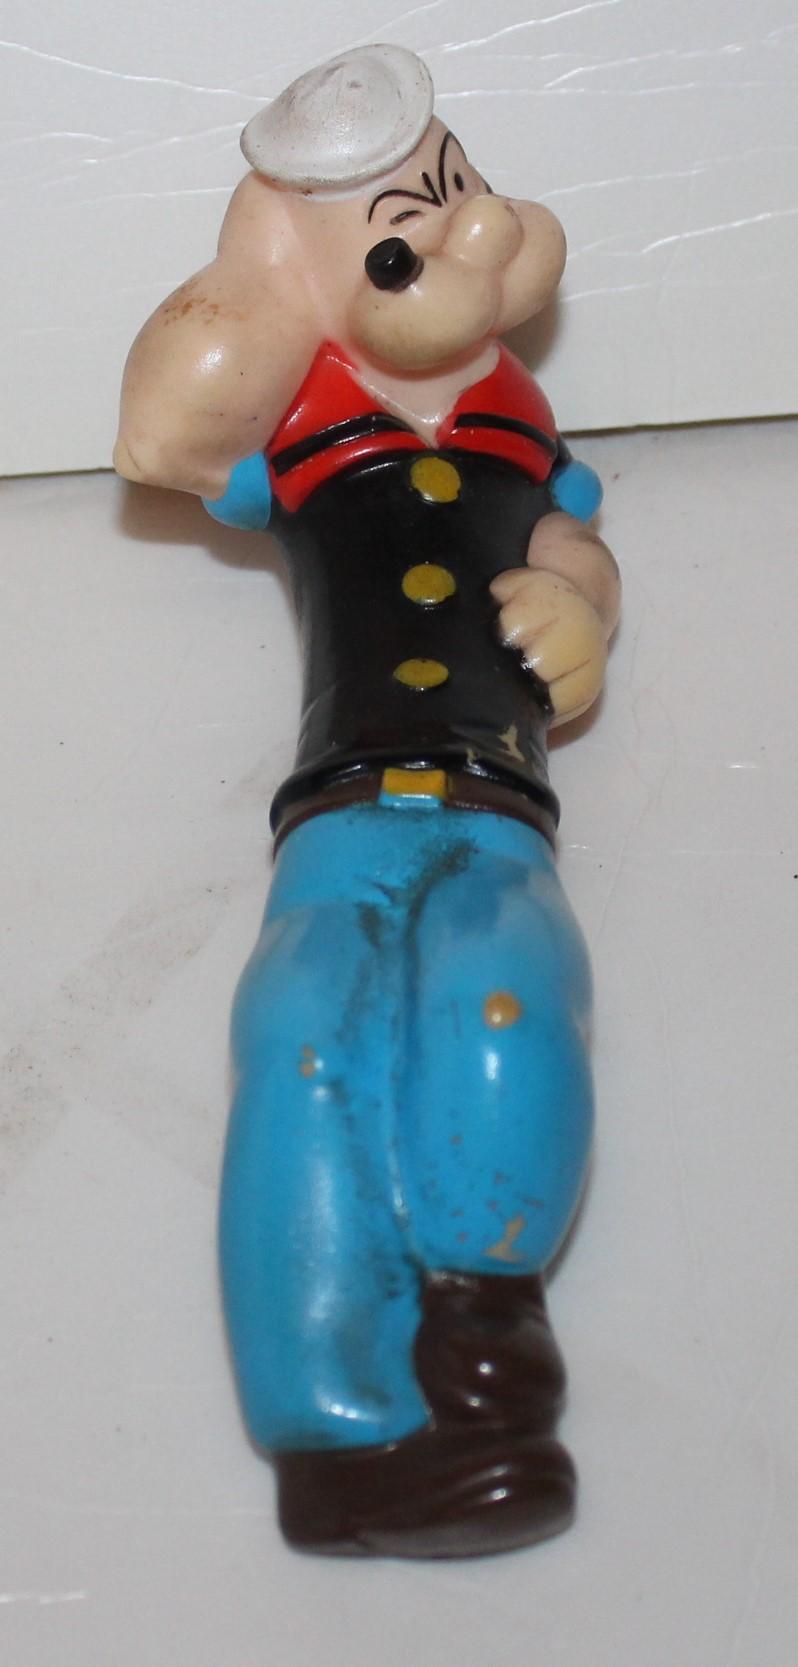 https://0201.nccdn.net/1_2/000/000/0d7/9ce/Popeye-figurine.JPG